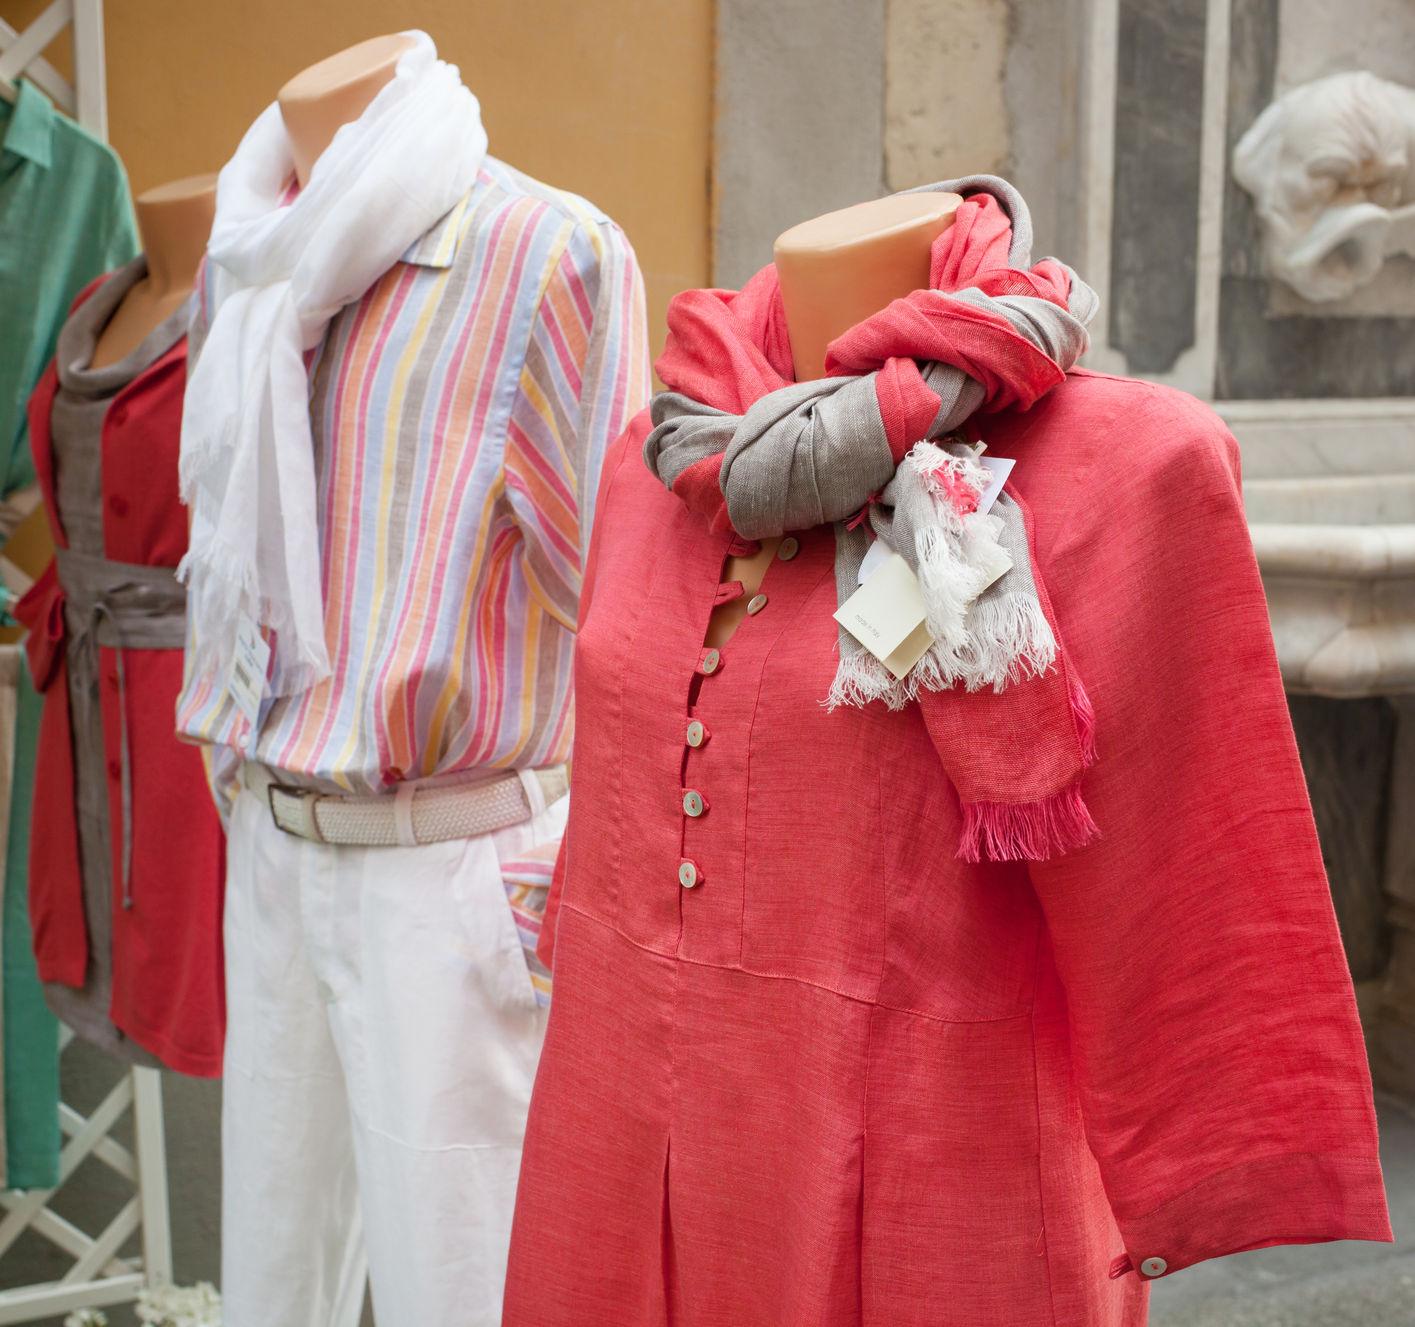 linen apparels